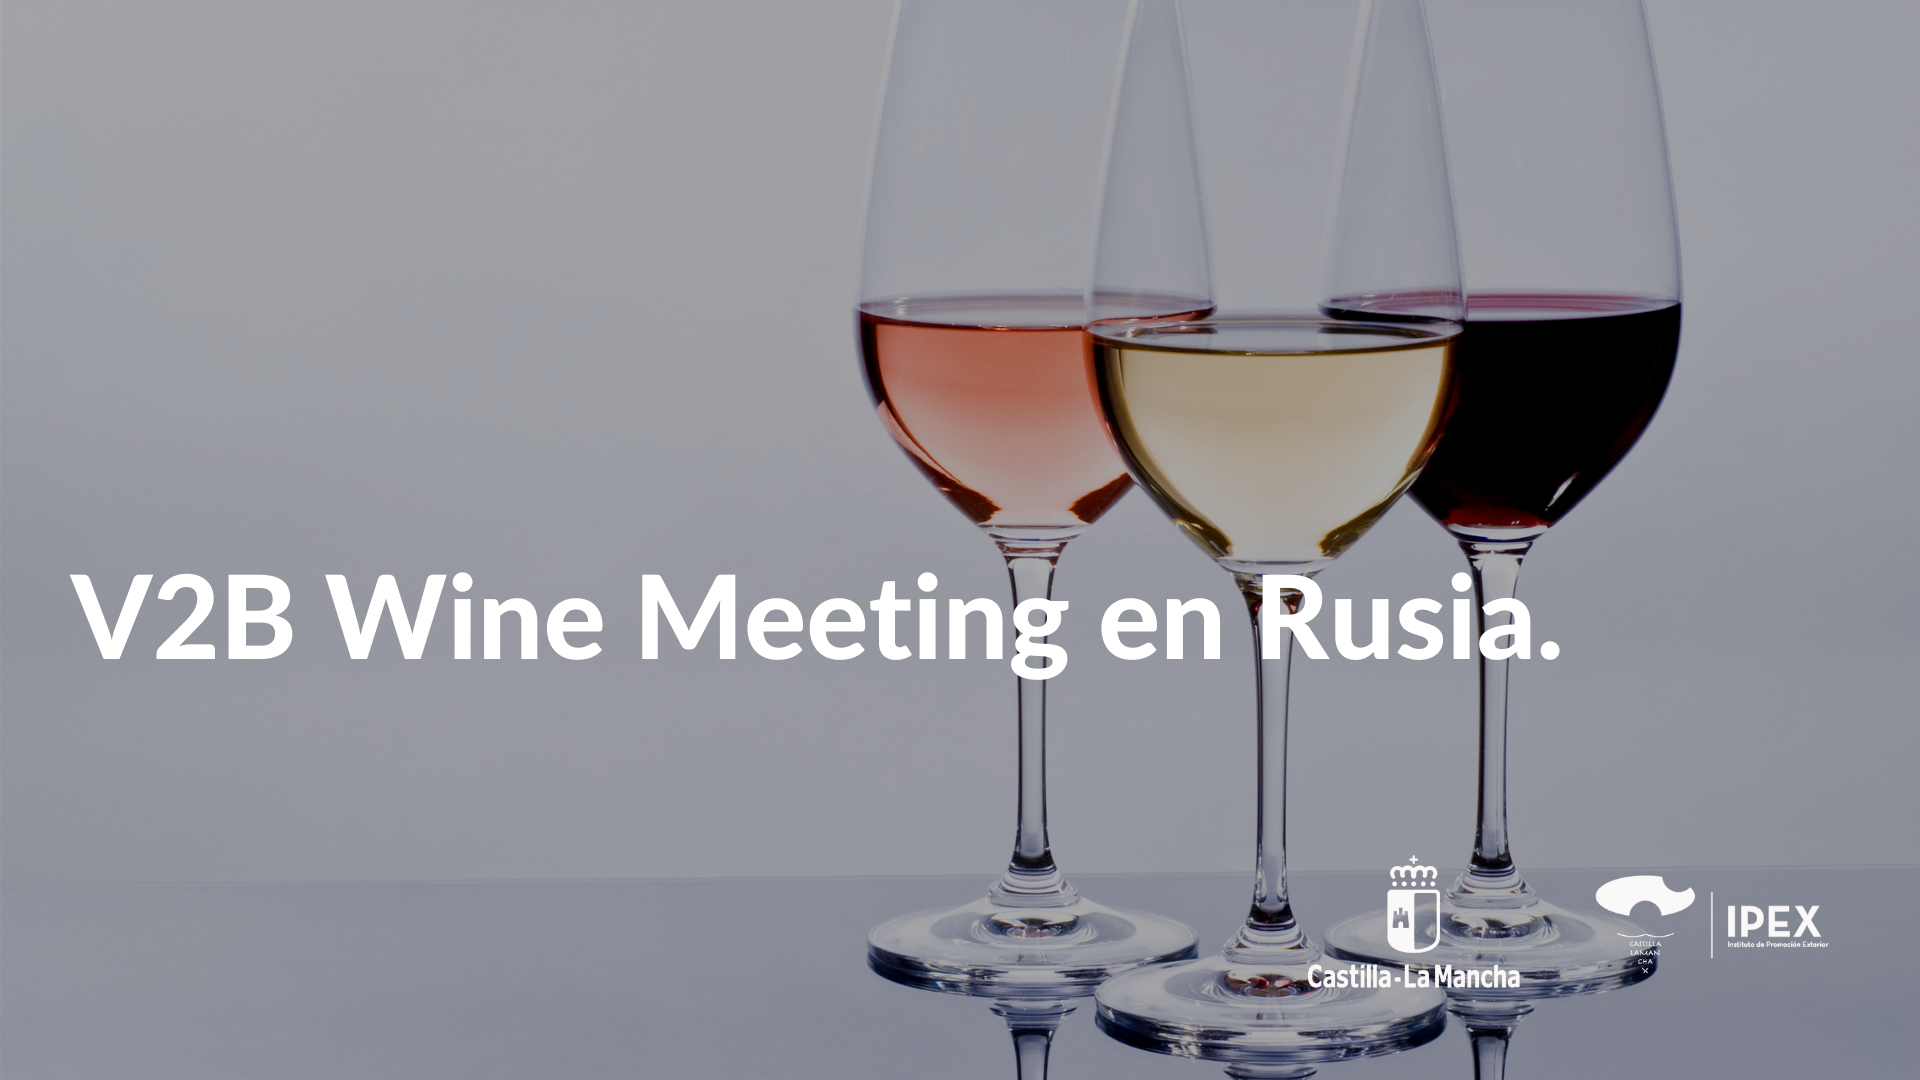 V2B Wine Meeting en Rusia.